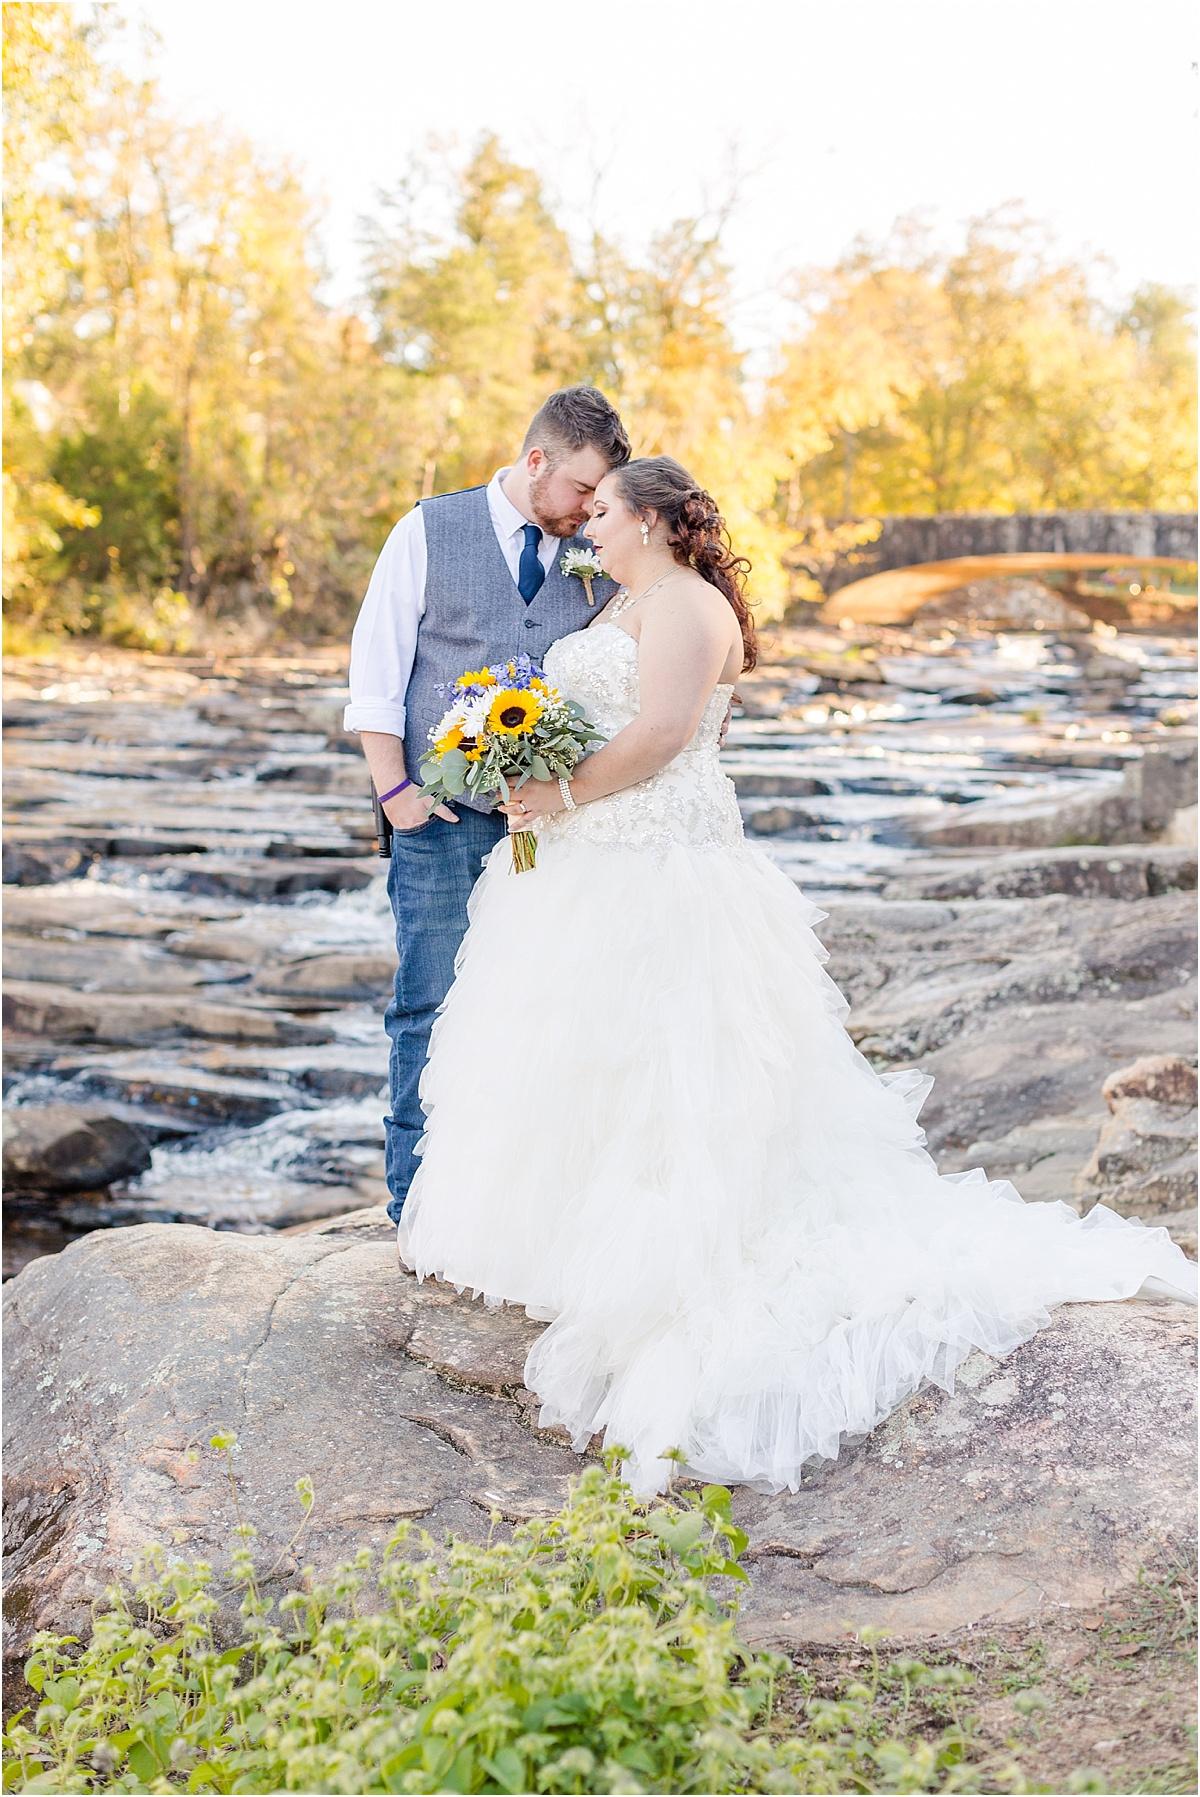 Indian_Springs_State_Park_Weddings_0077.jpg